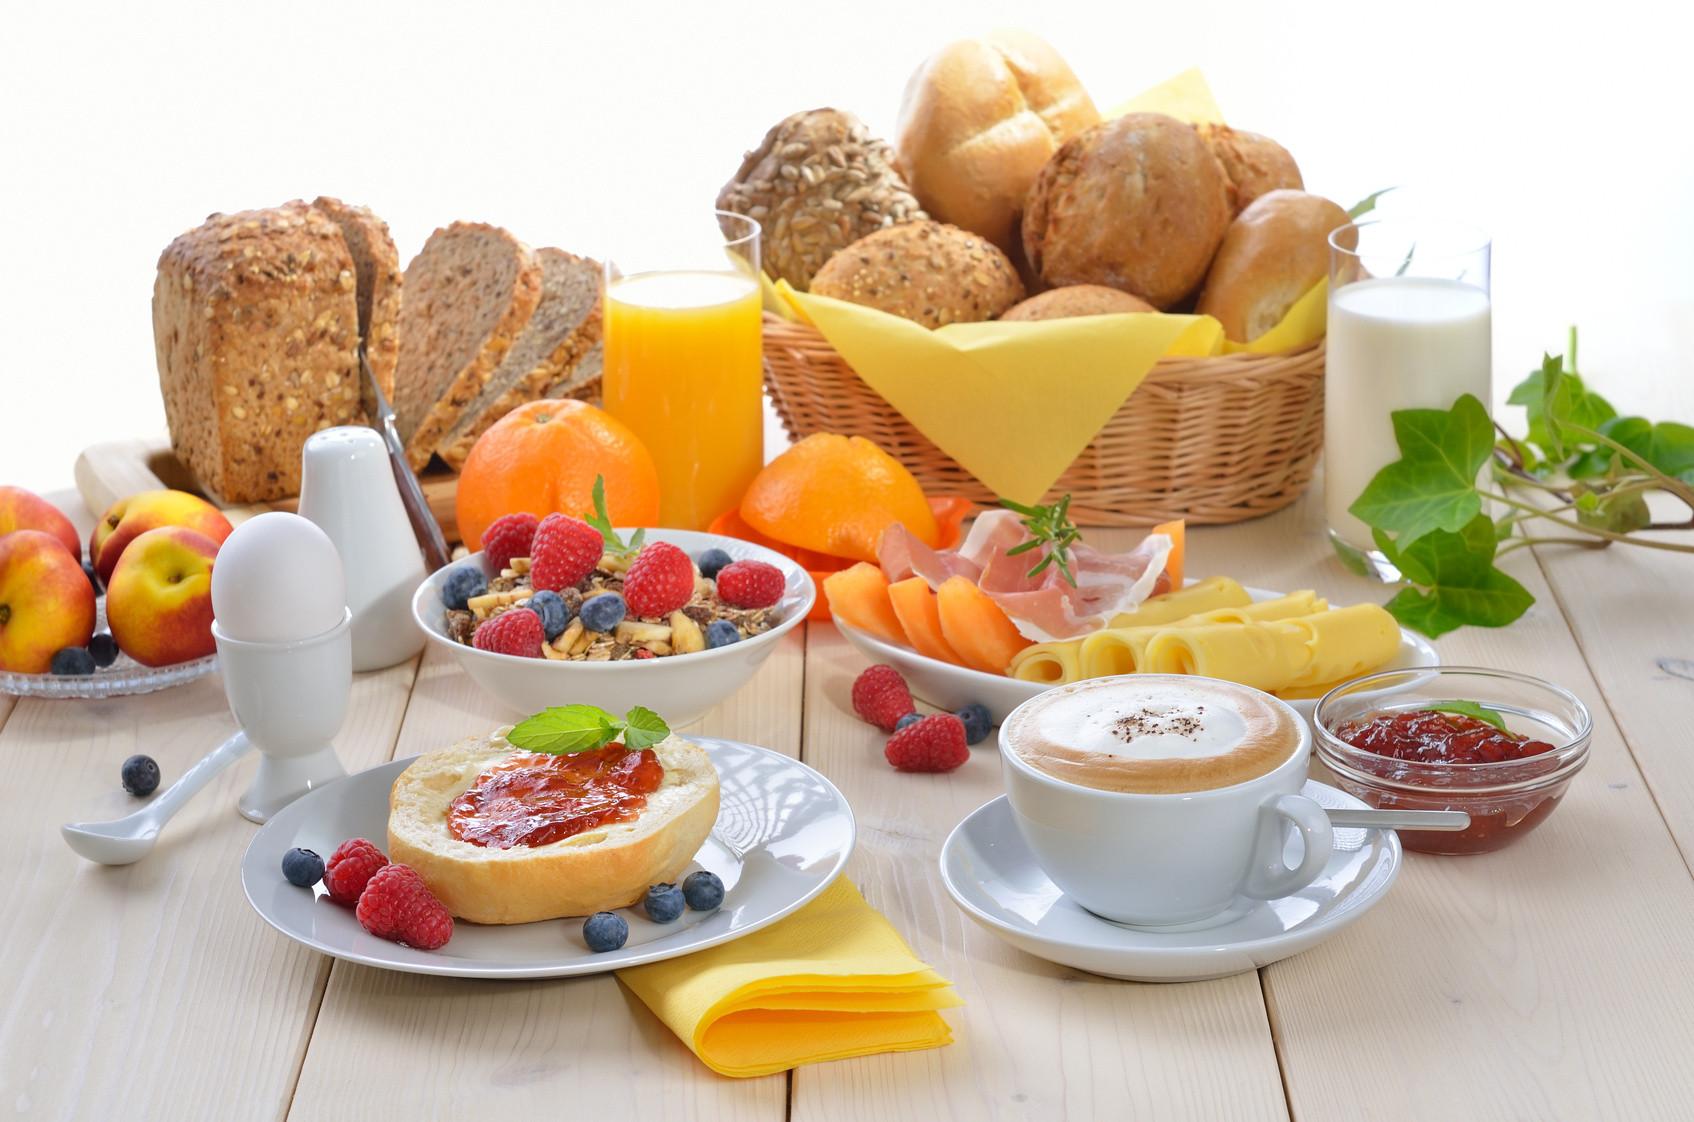 Great Healthy Breakfast  Top 20 Healthy Breakfast Ideas For Winter eBlogfa